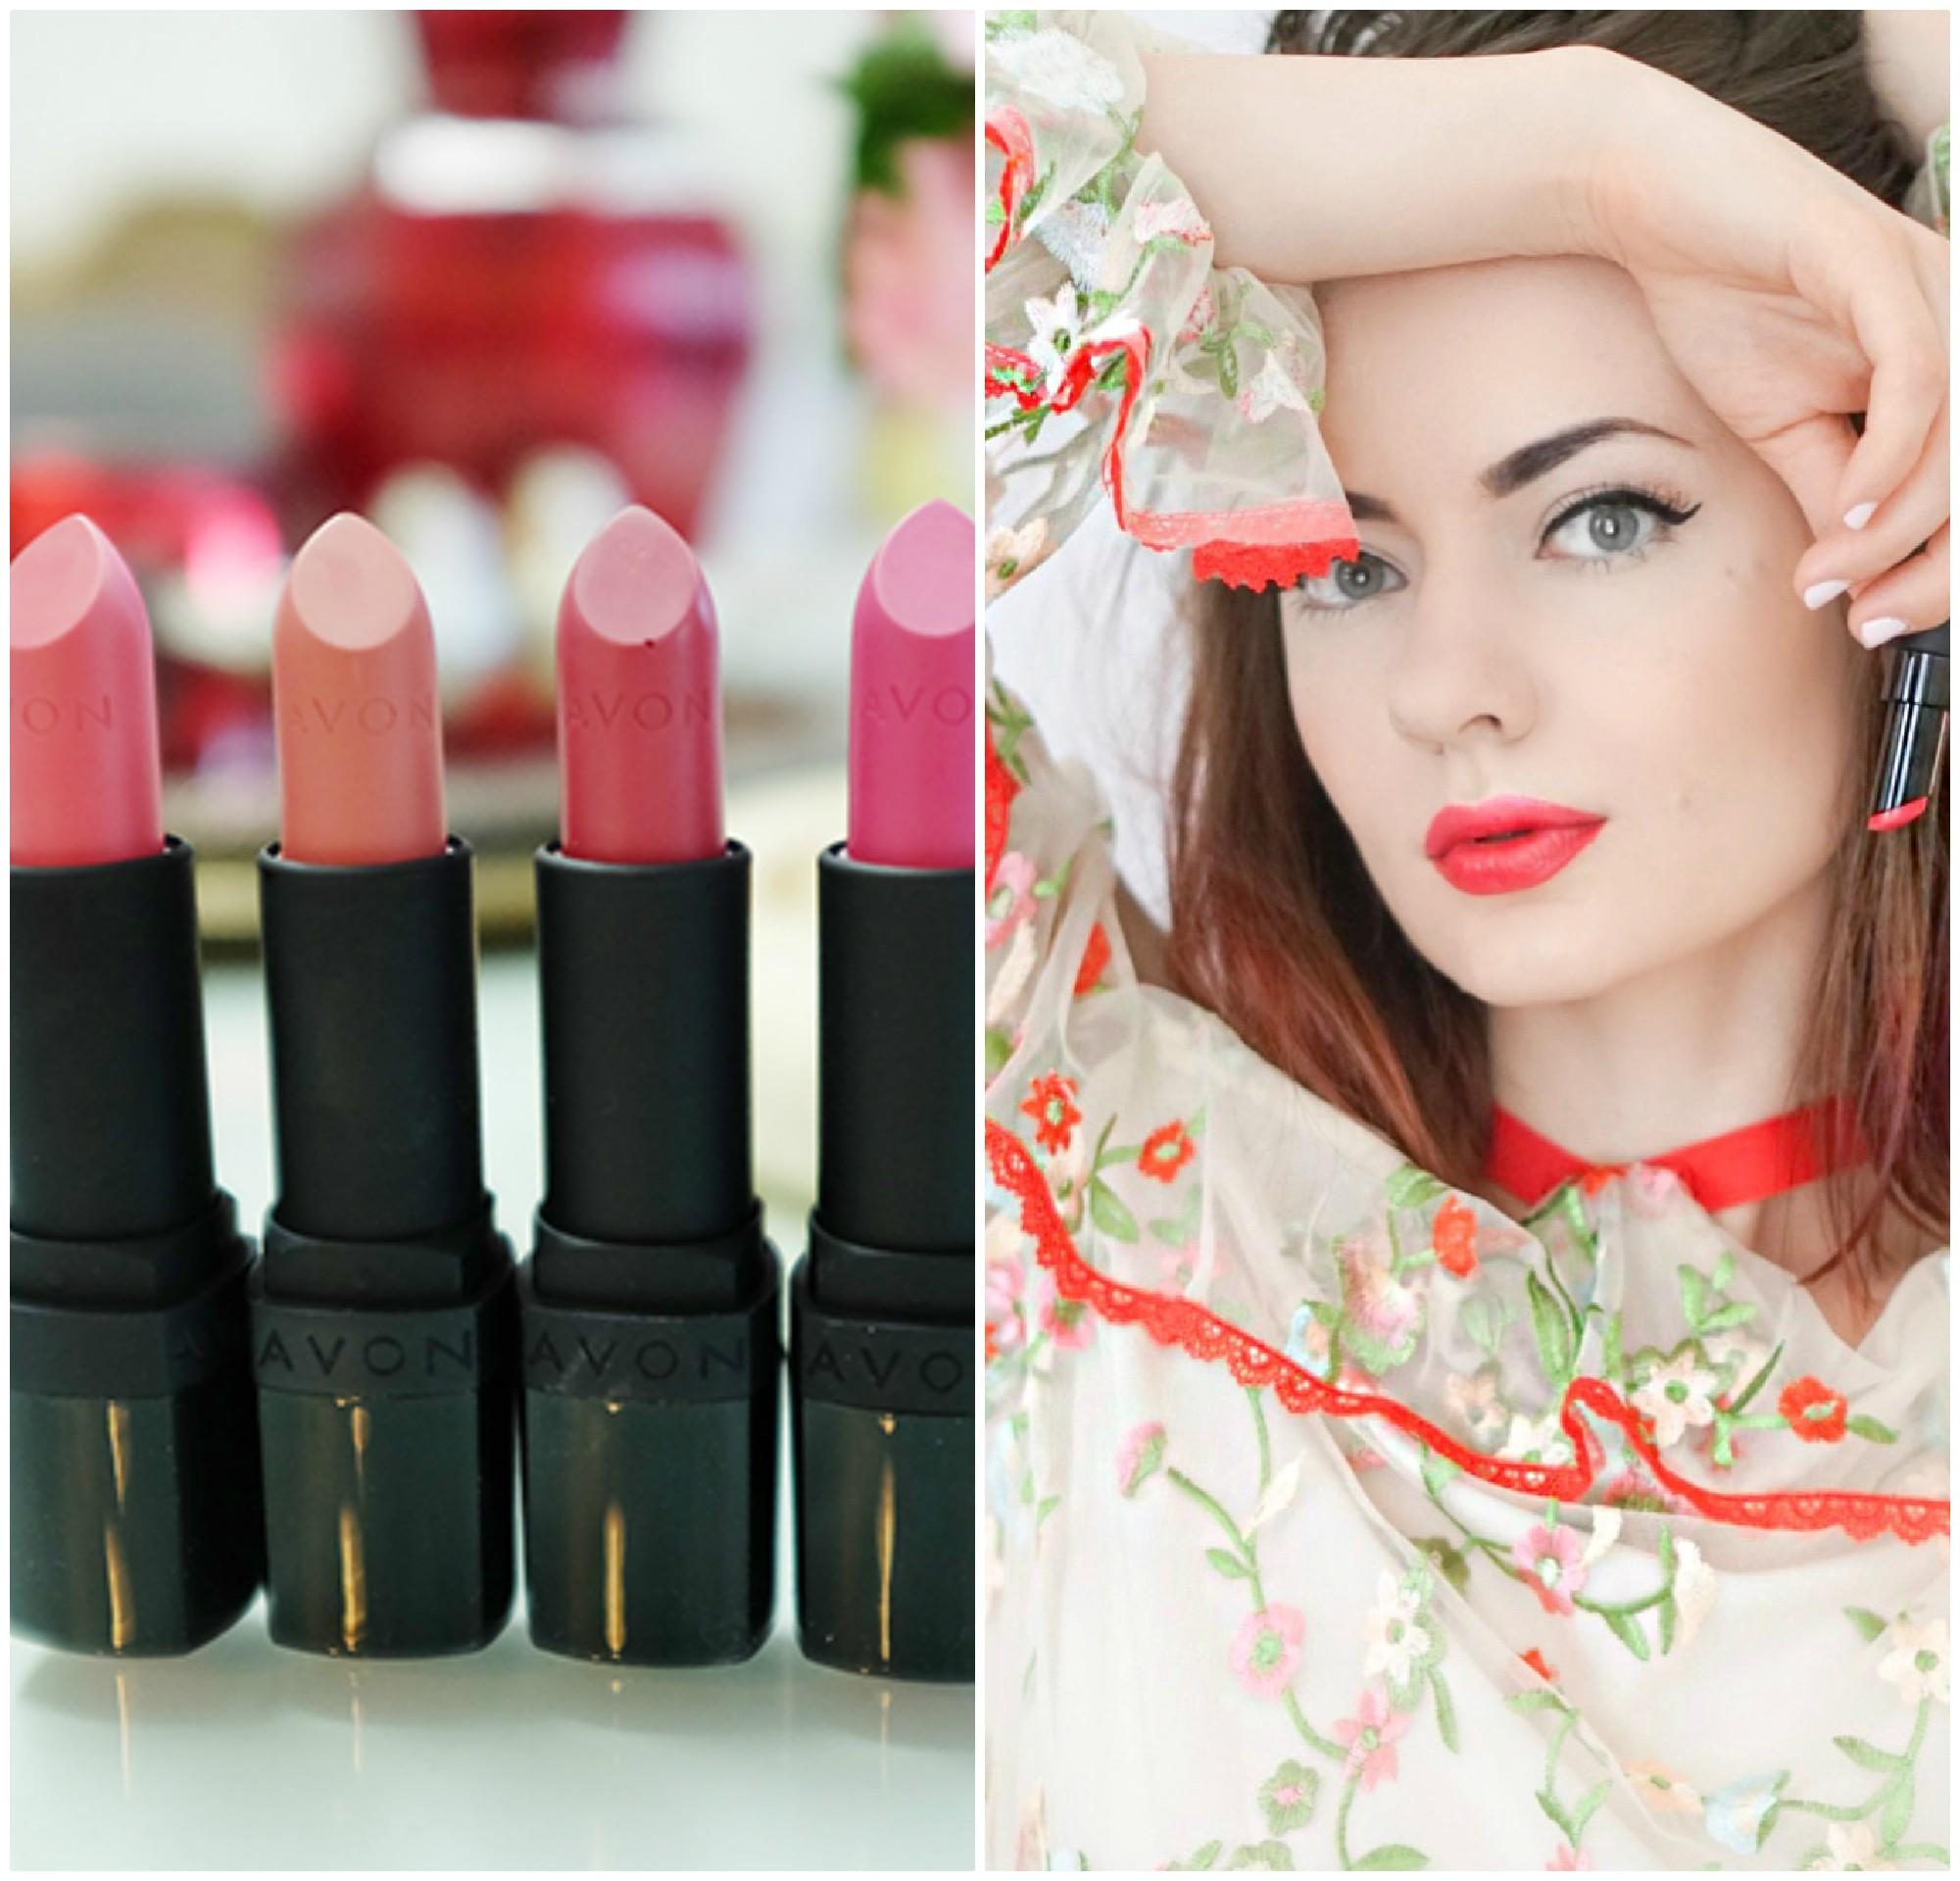 PunjabKesari, Nari, Yummy wines and berries Lipstick Image